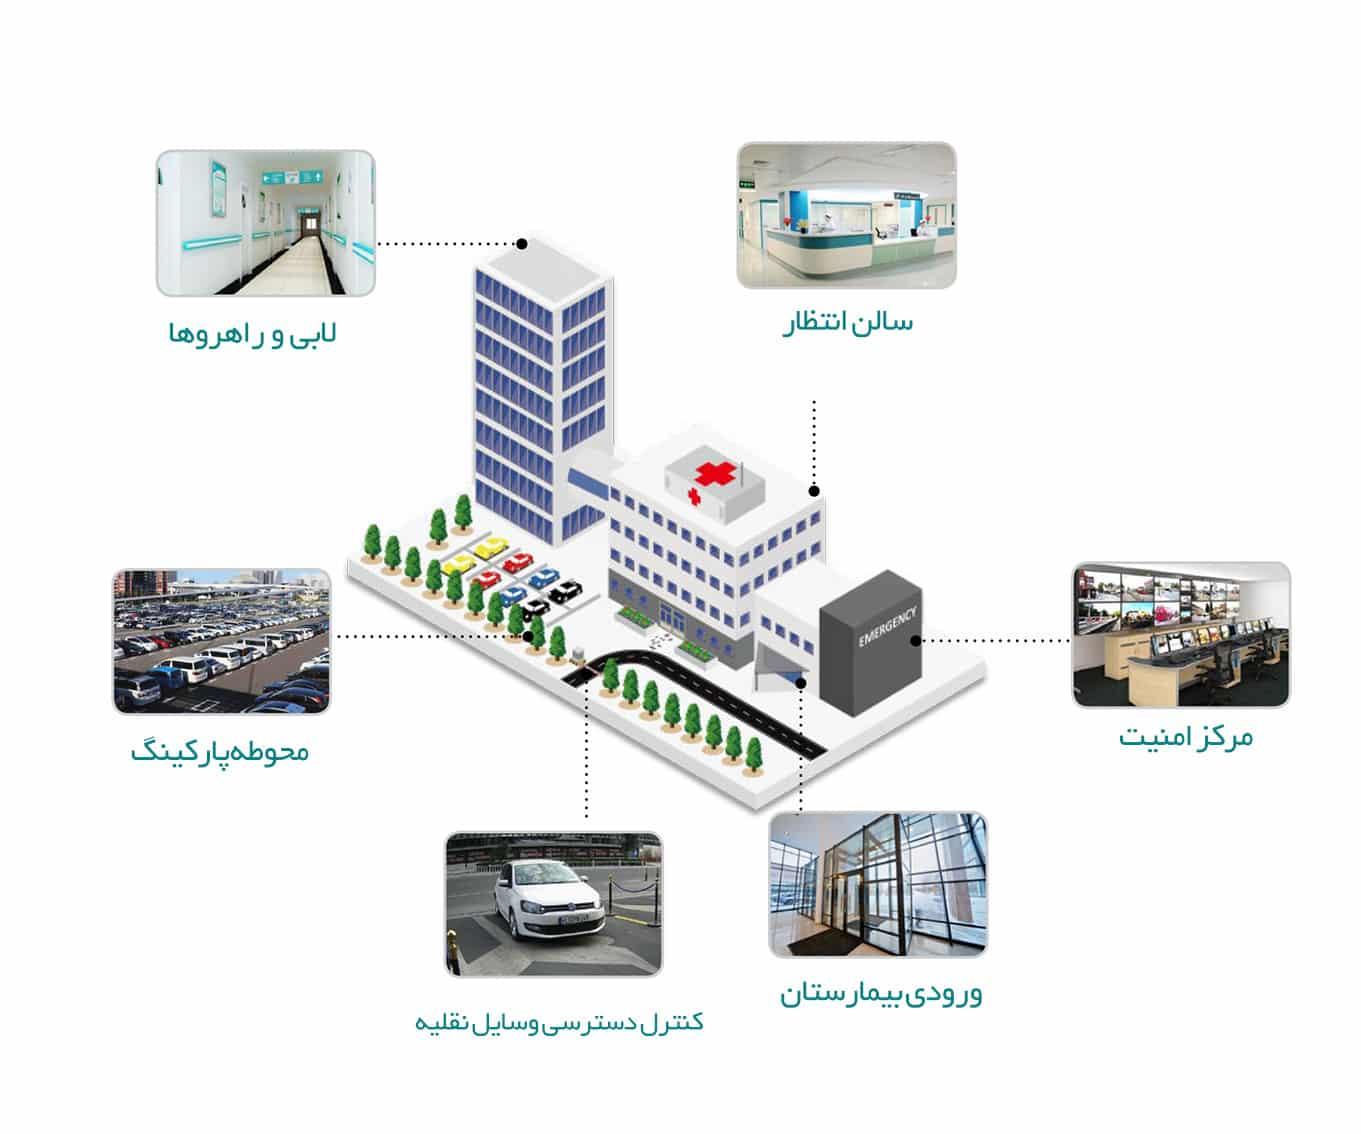 4 راهکار هوشمند هایکویژن برای بیمارستانها و مراکز درمانی